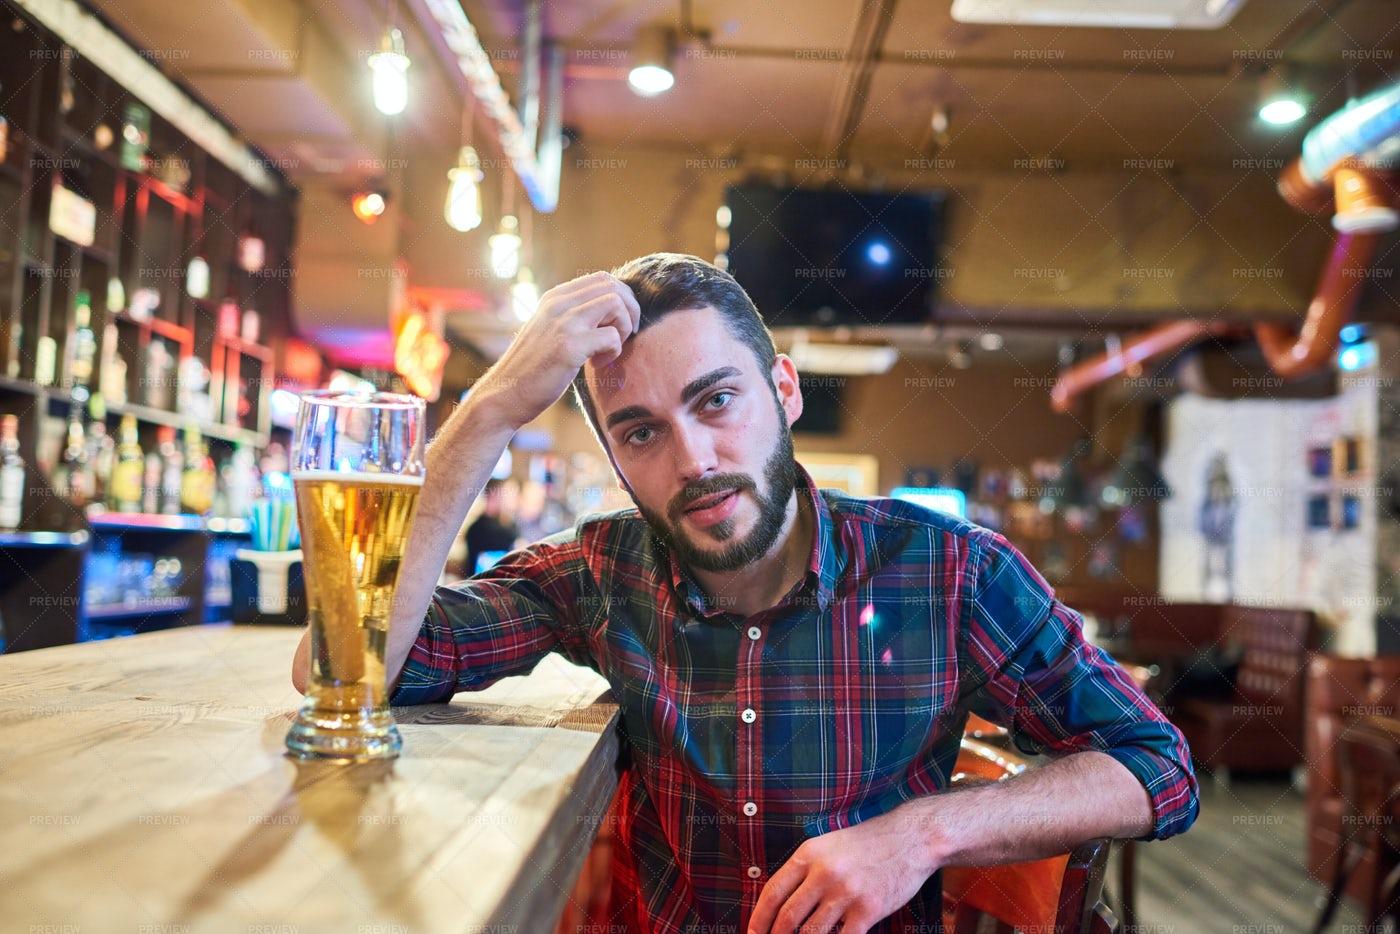 Young Man Sitting At Bar Counter: Stock Photos